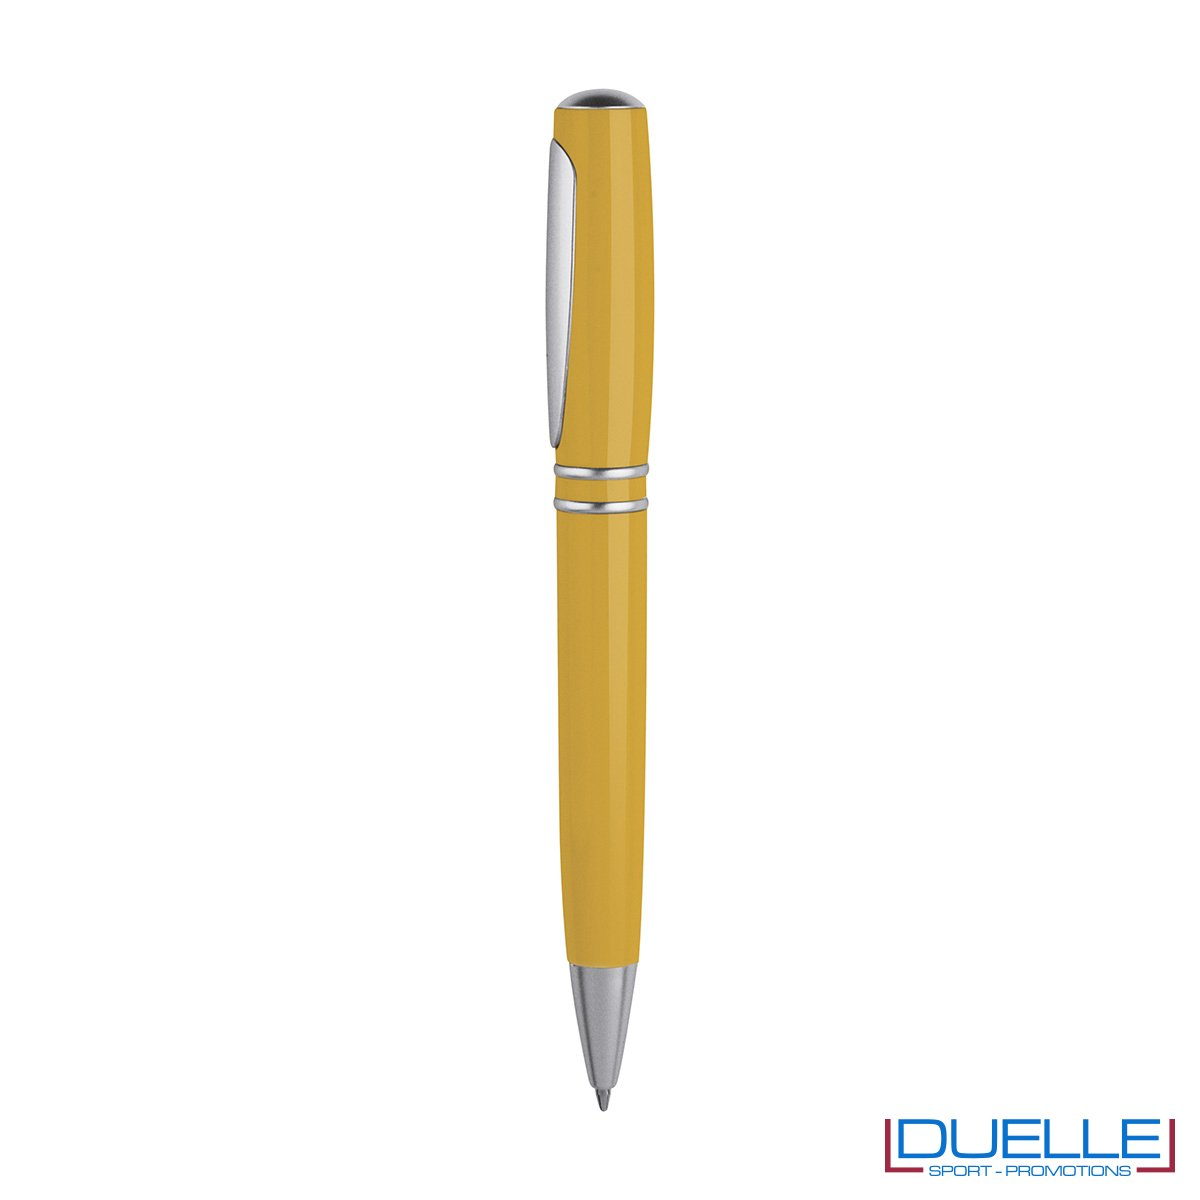 Penna a sfera in plastica con meccanismo di chiusura a rotazione che permette di far entrare ed uscire vicendevolmente la clip o la punta a sfera.